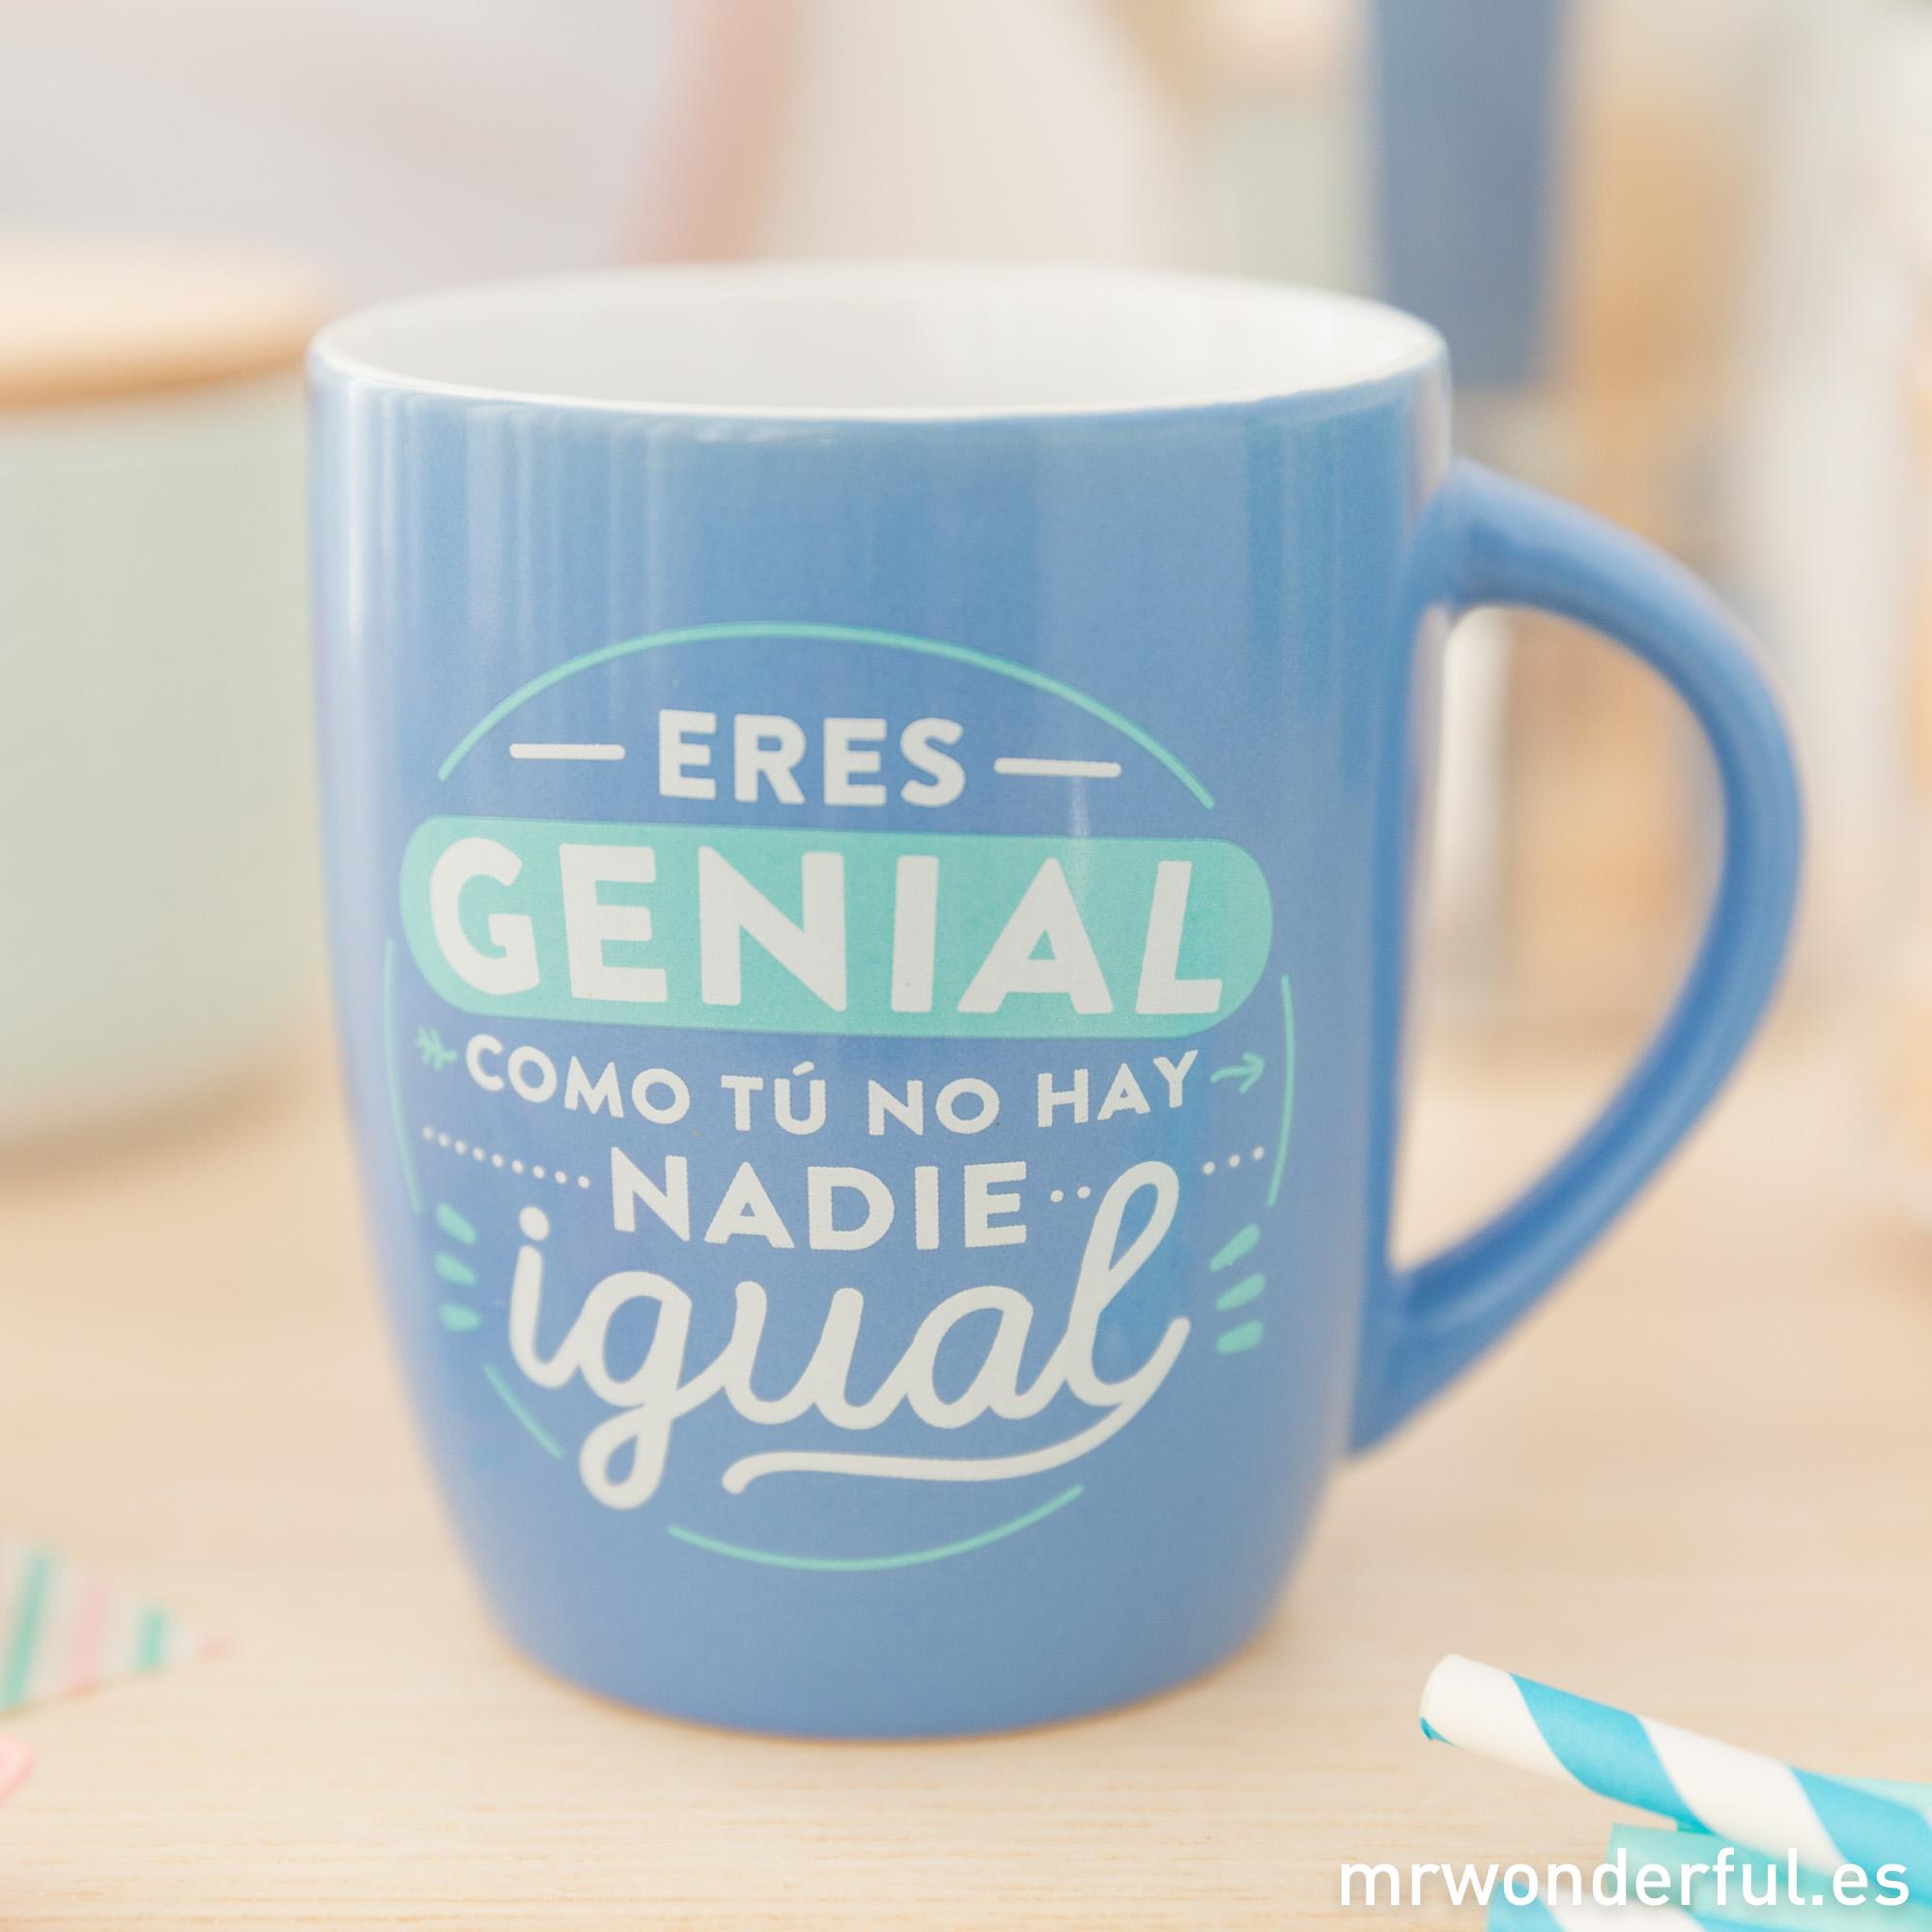 mrwonderful_8435460709132_WOA03775ES_Eres-genial-como-tu-no-hay-nadie-igual-ES-2